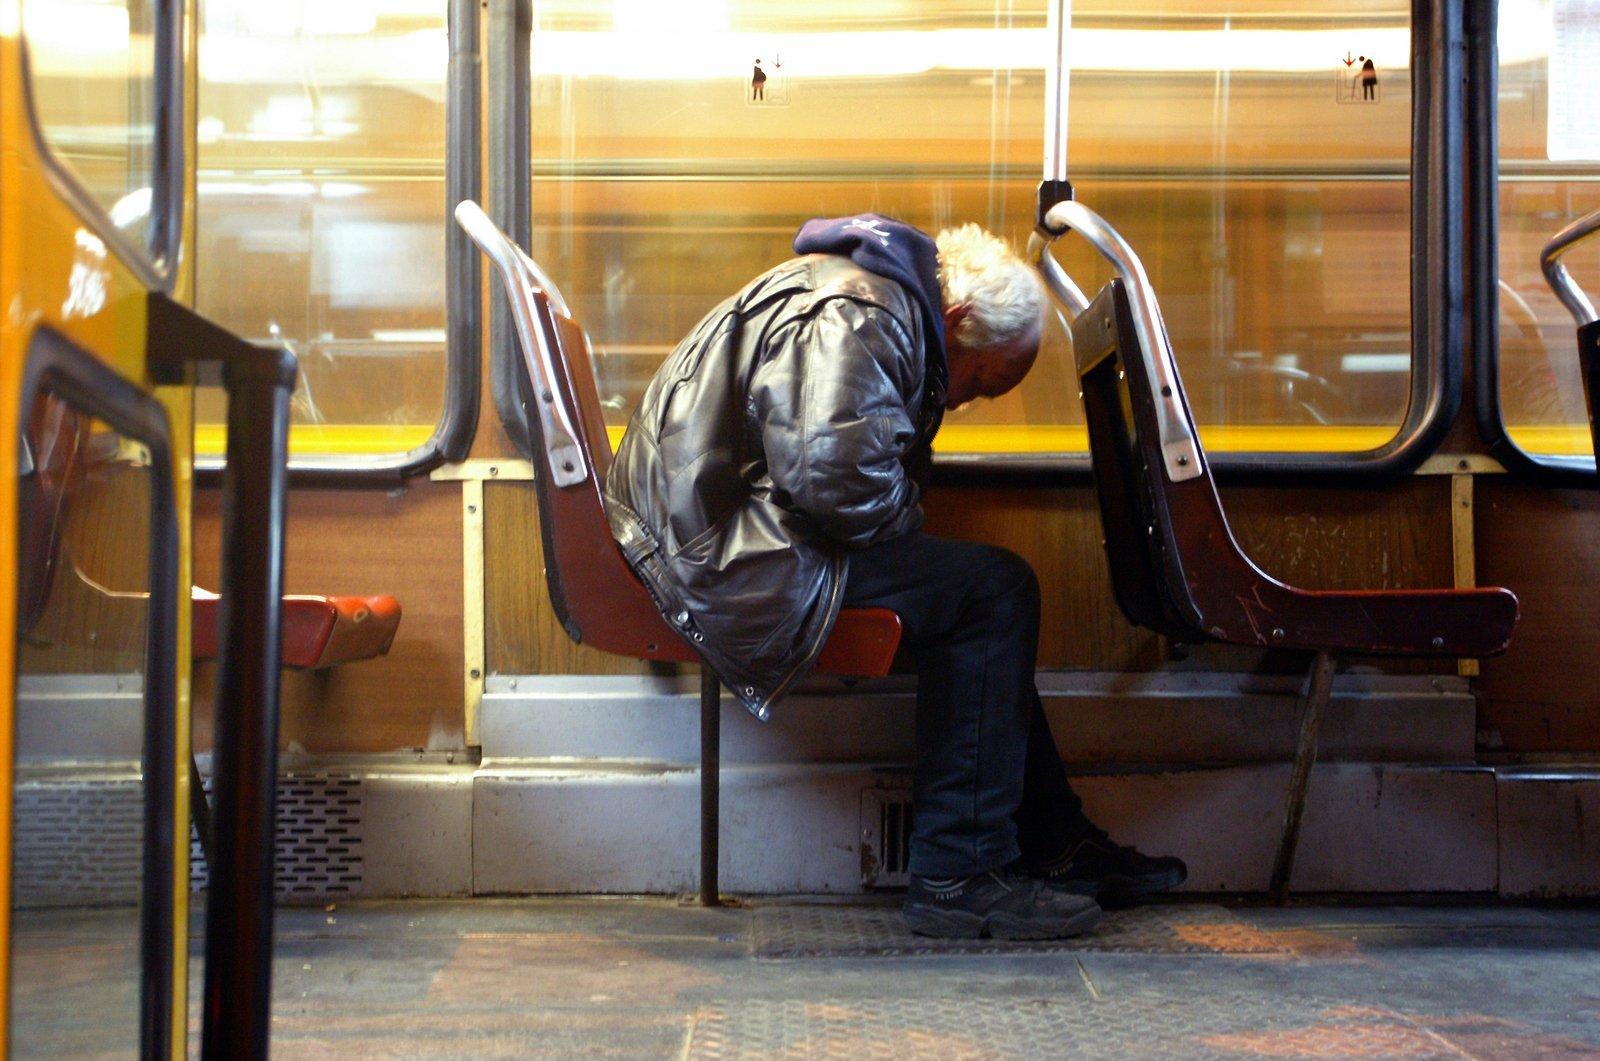 Man in sleeping pose